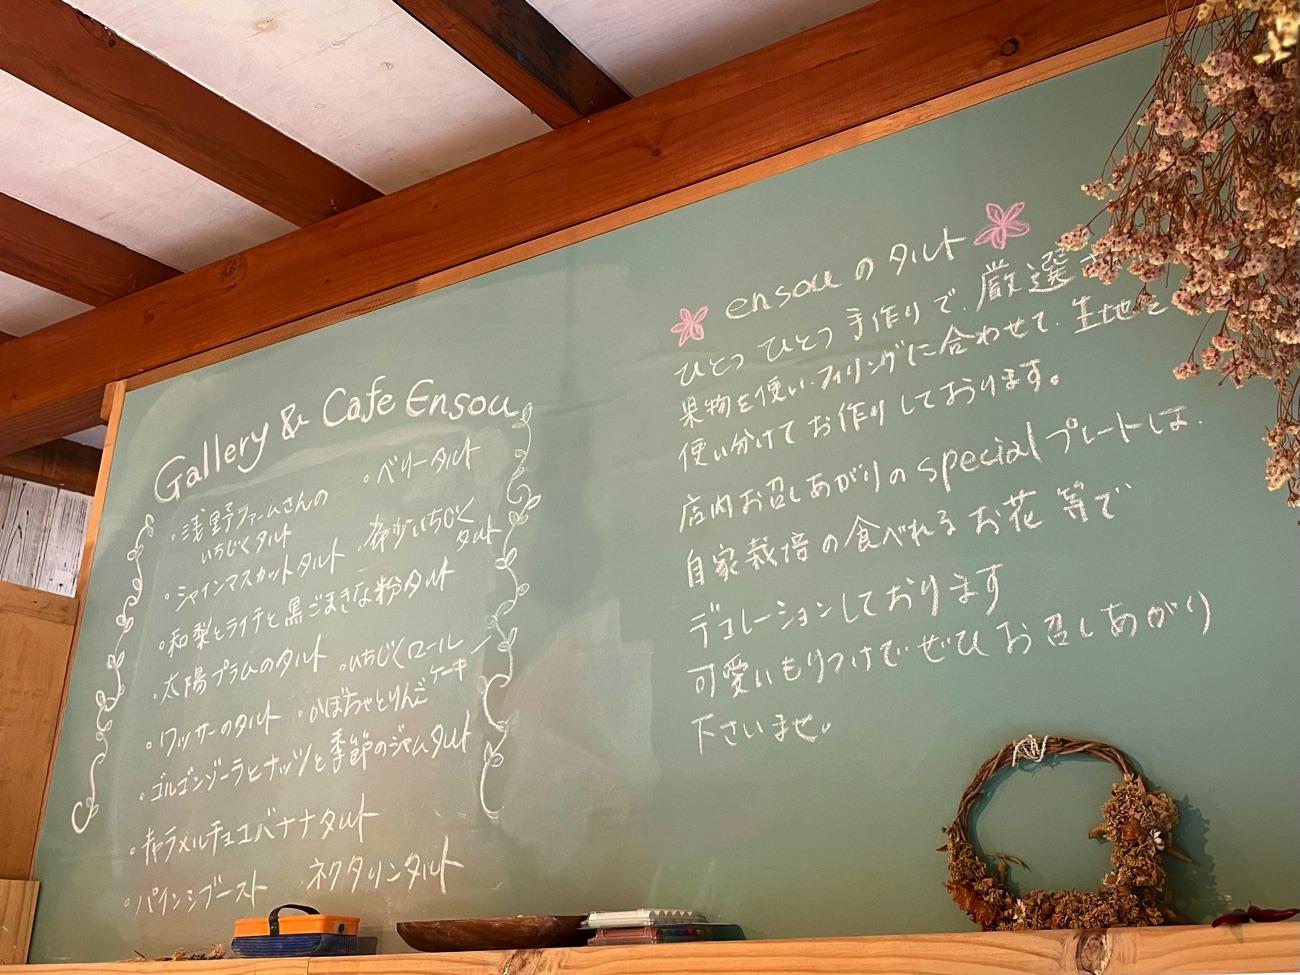 黒板にはメニューが書かれている